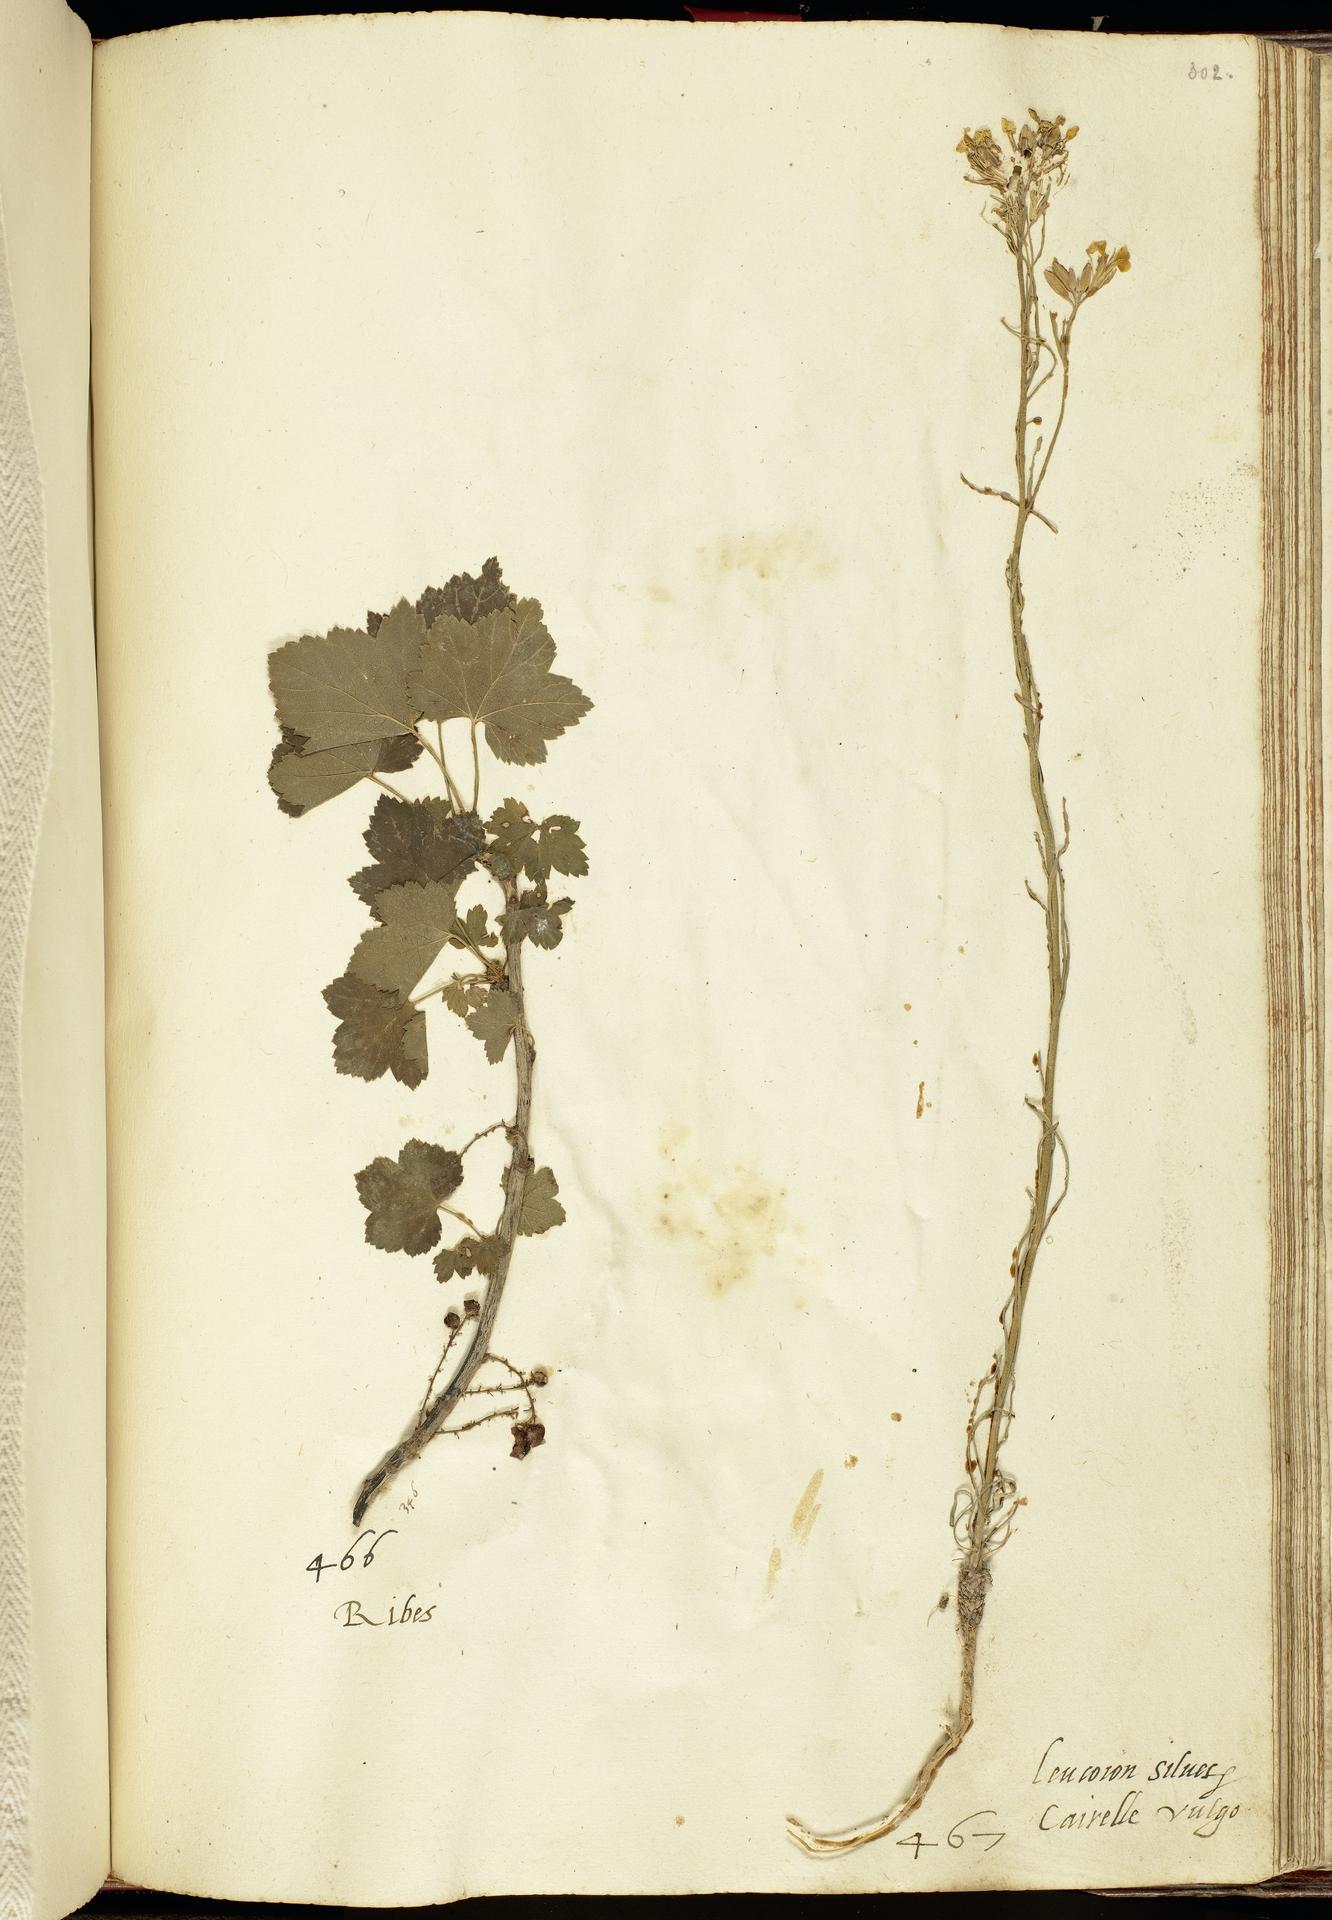 L.2111255 | Erysimum sylvestre (Crantz) Scop.